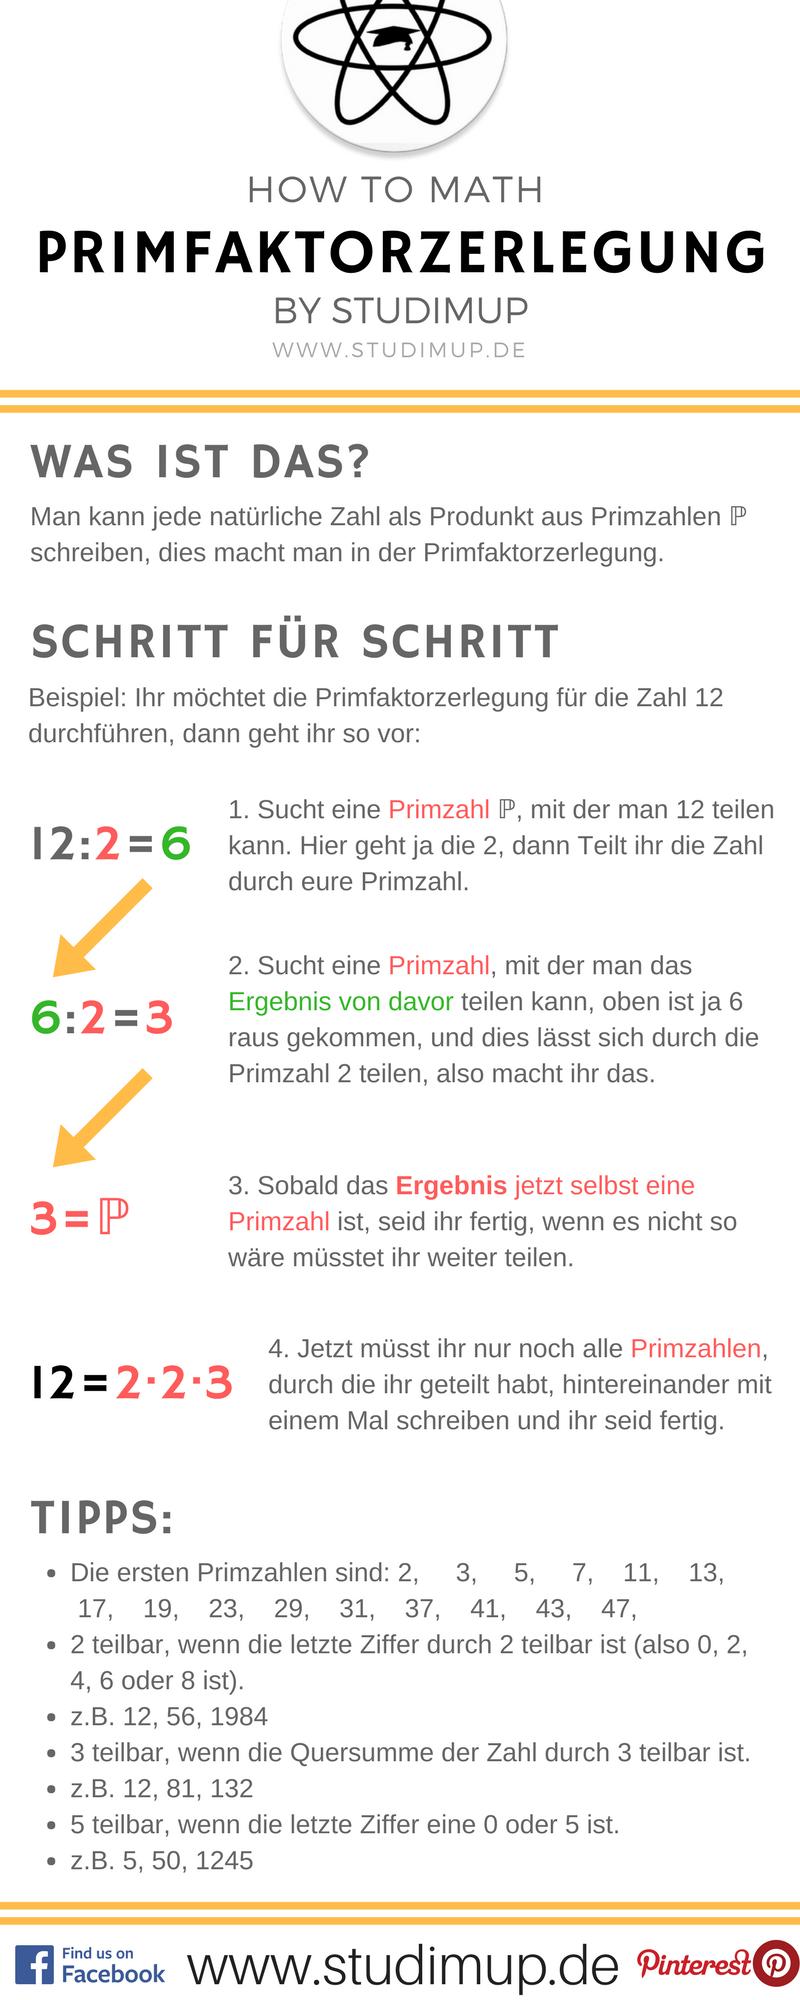 Die Primfaktorzerlegung Einfach Erklart Im Mathe Spickzettel Von Studimup Auf Unserer Website Findet Ihr Ausfuhr Primfaktorzerlegung Mathe Formeln Spickzettel